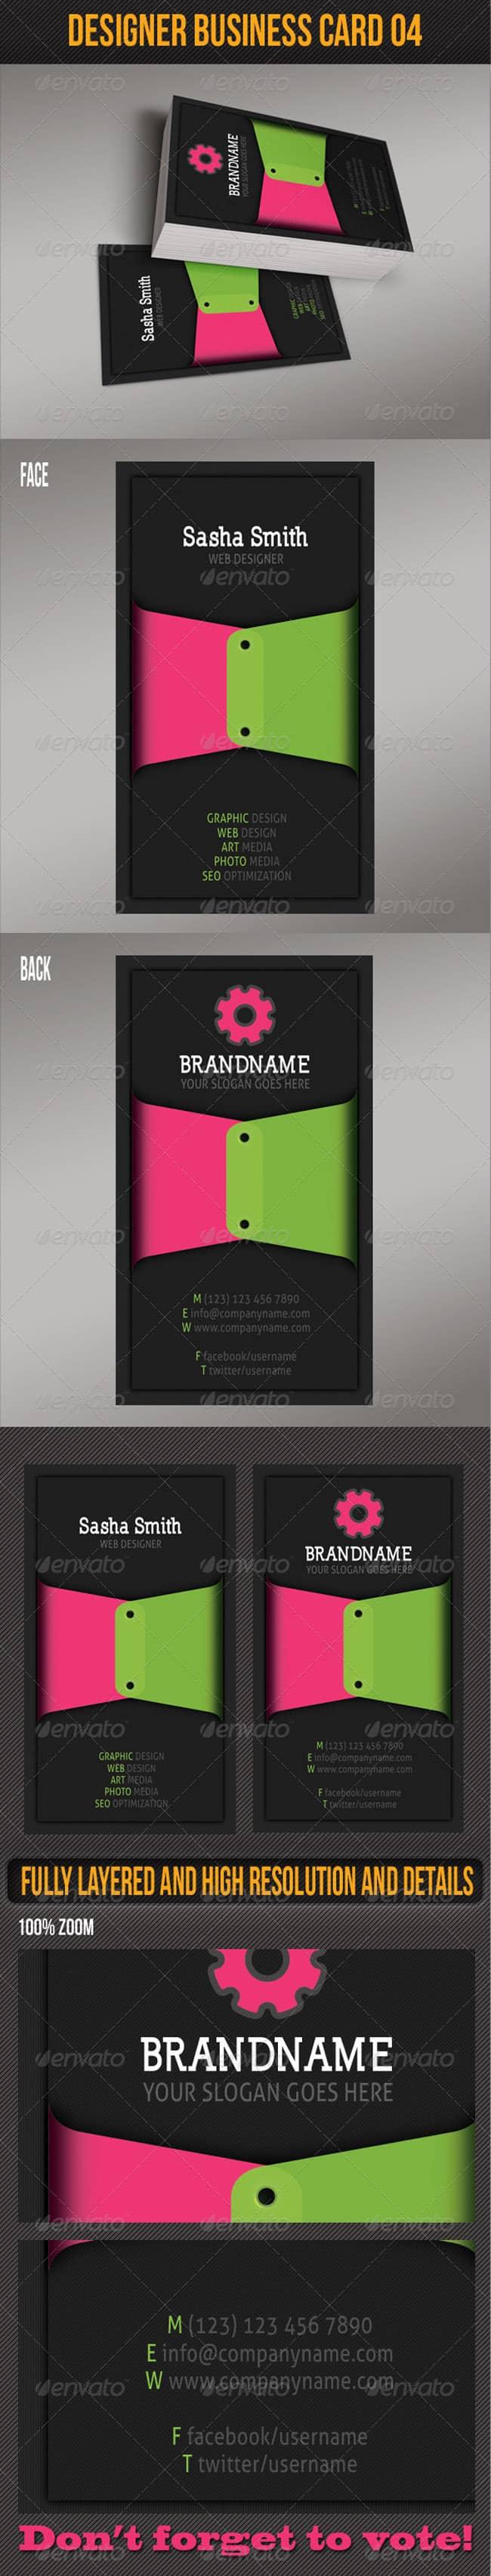 Designer Business Card 04